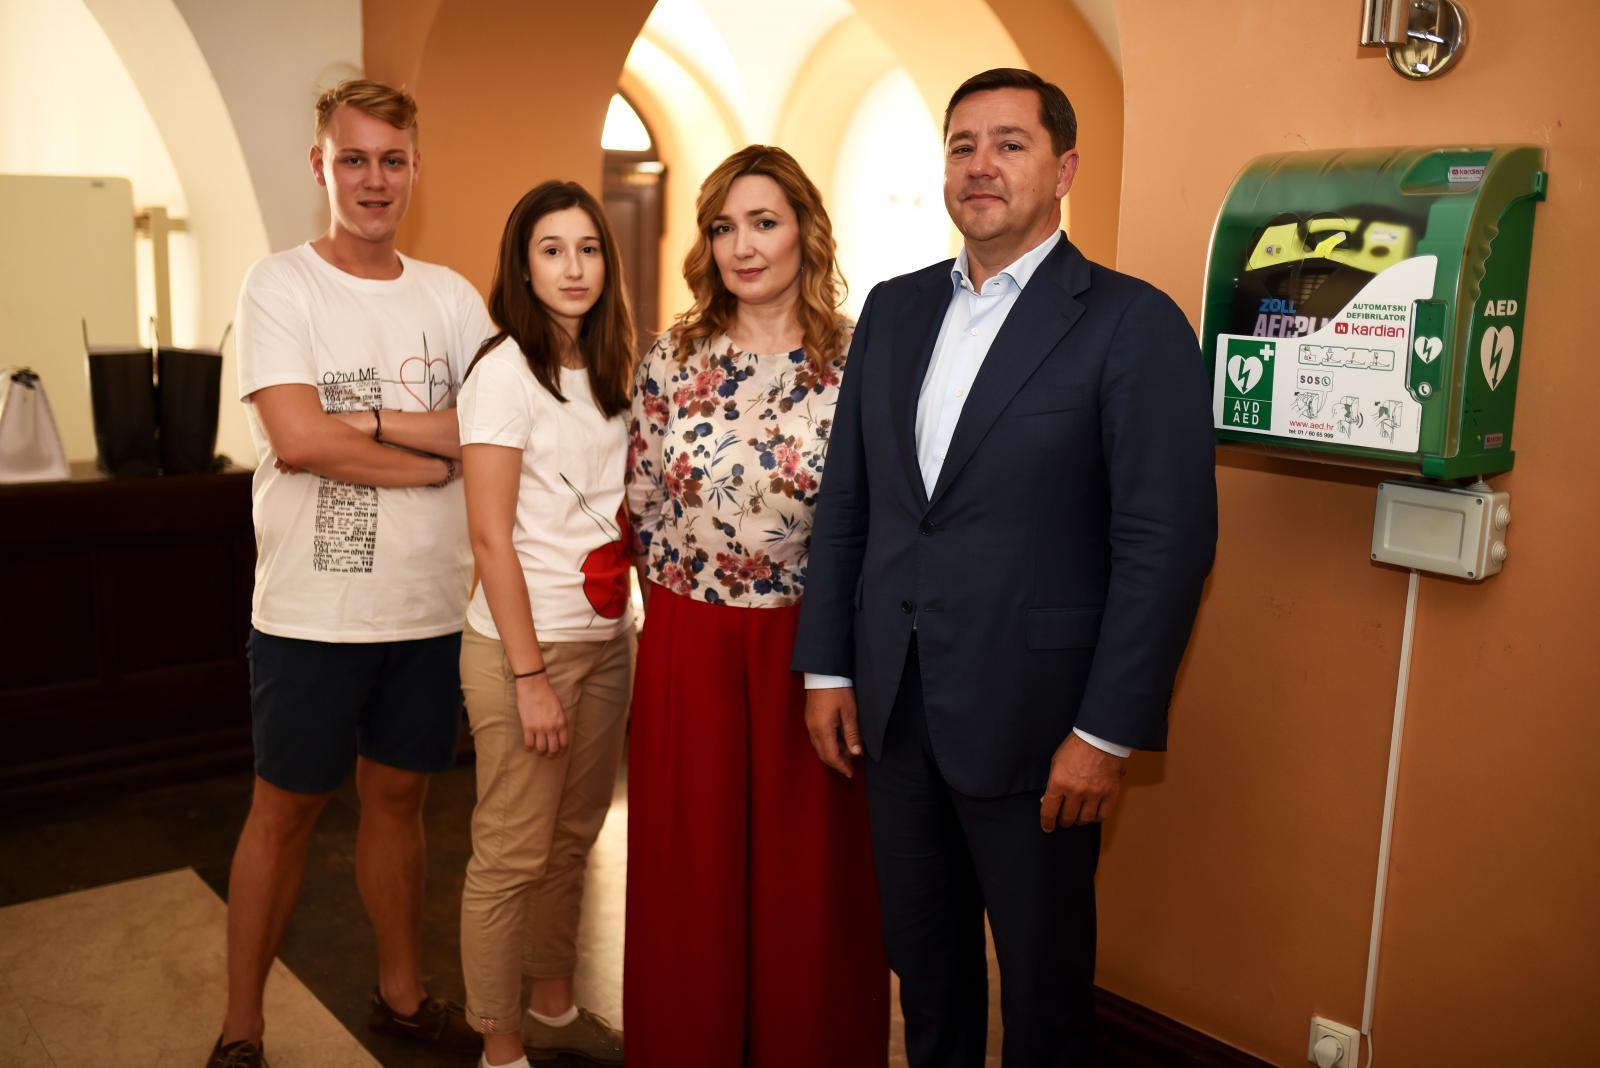 Studenti udruge Stepp, dr. med. Ivana Portolan Pajić i dr. sc. Andrija Mikulić istaknuli su kako je važno da ljudi znaju gdje se defibrilator nalazi i kako ga koristiti.